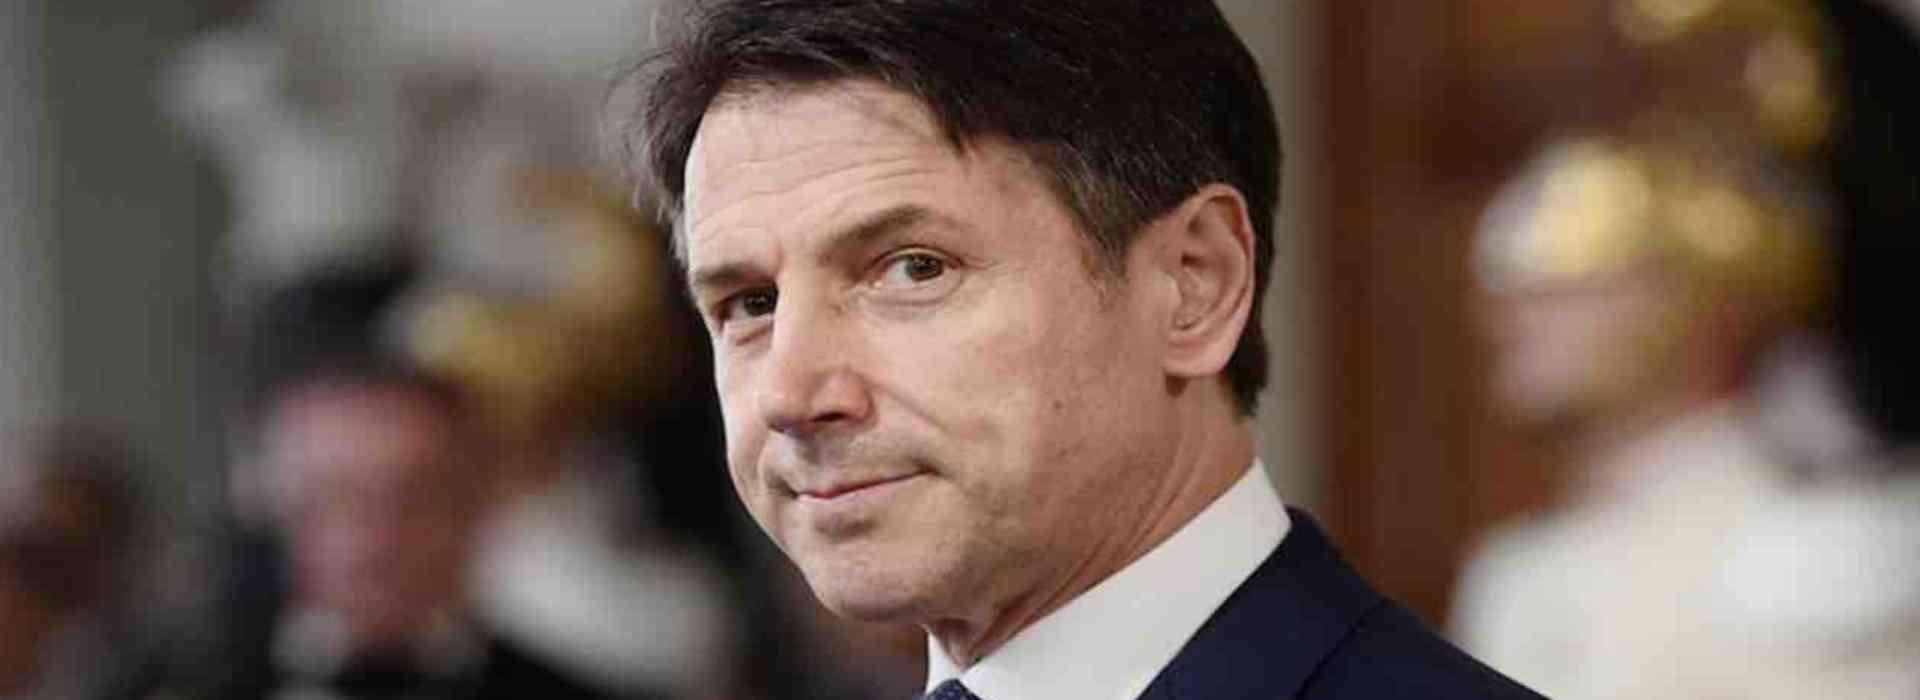 Crisi di governo: i Responsabili piacciono a Conte, Grillo, Pd e M5S